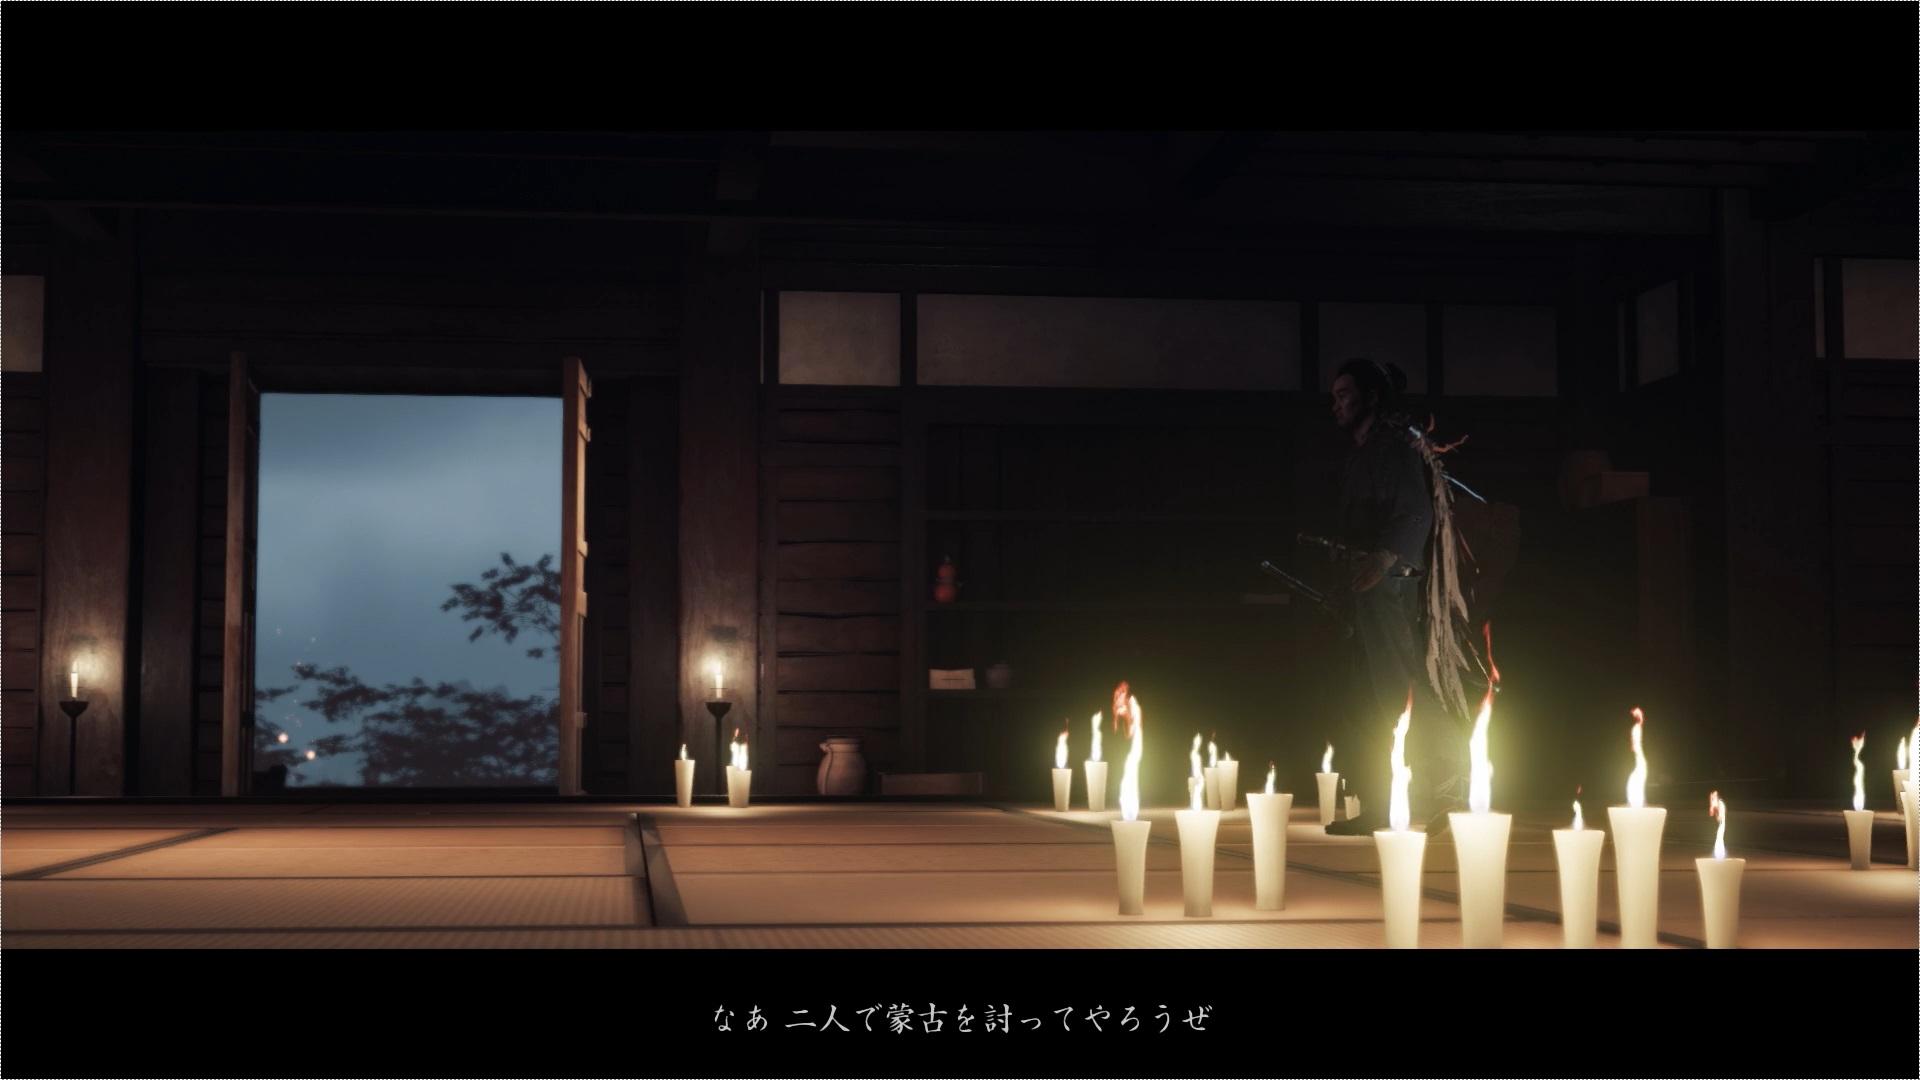 裏切ったことを無かったことにしようと言う竜三。しかし多くの仲間を亡くした仁は決して許しはしません。